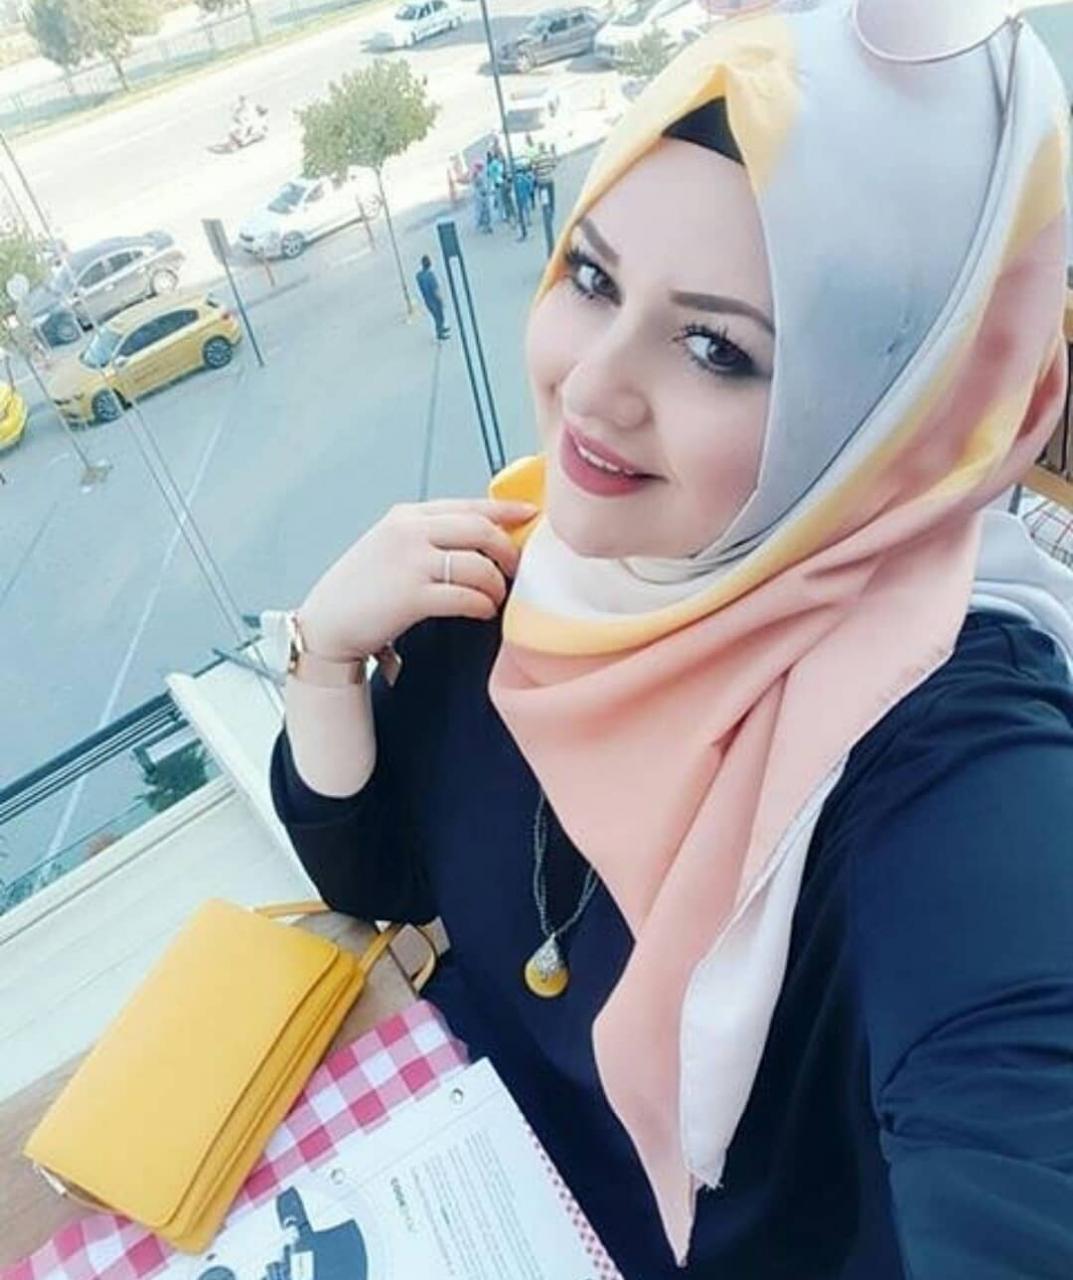 صورة صور بنات محجبات دلع , شاهد اجمل و احلي صور بنات محجبات 4299 4